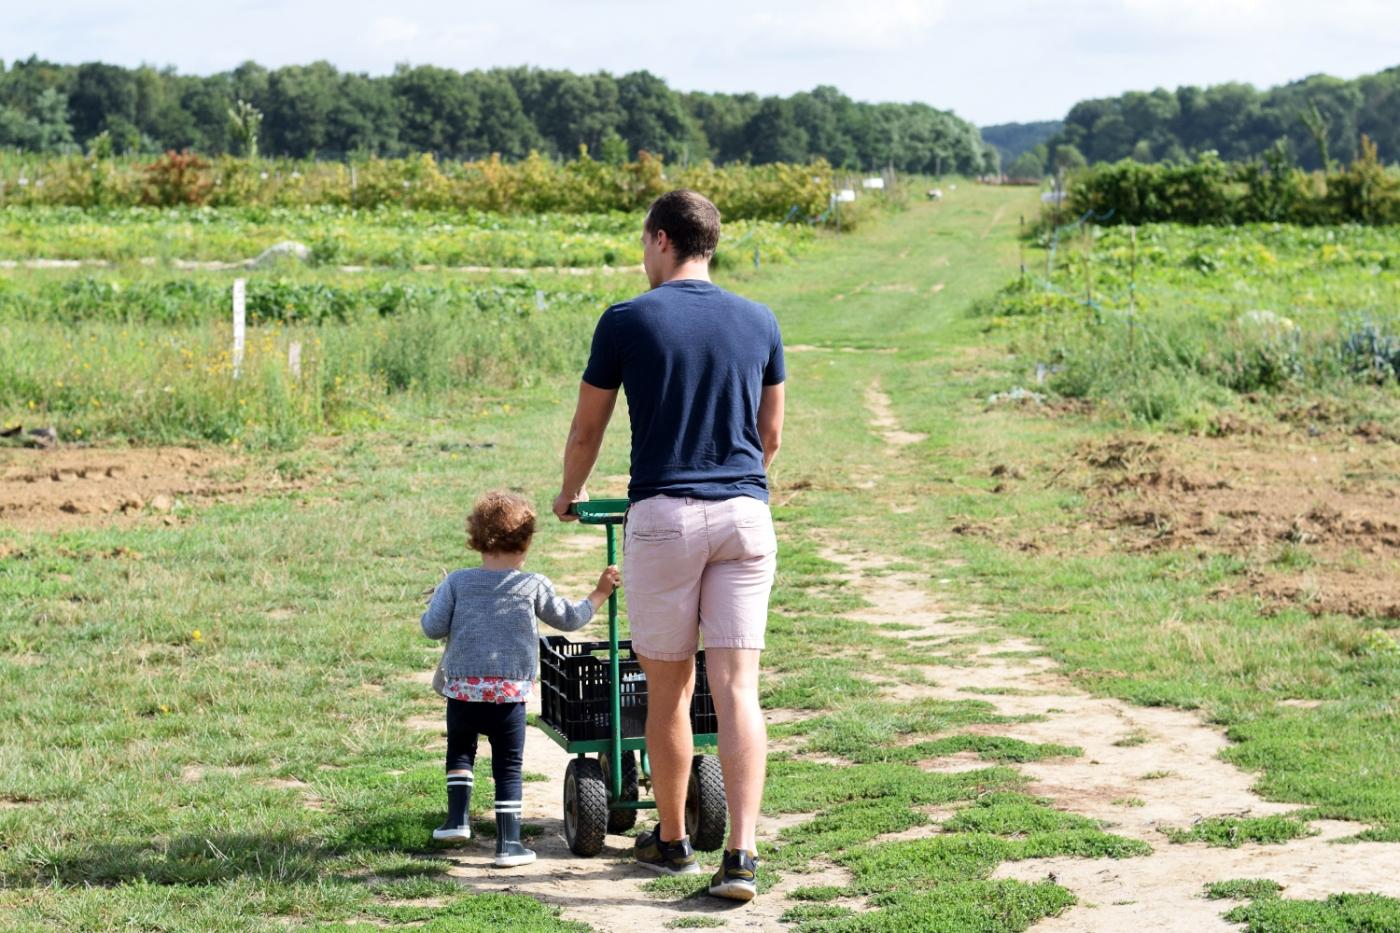 Cueillette fruits legumes enfant jardins montplaisir oise 06